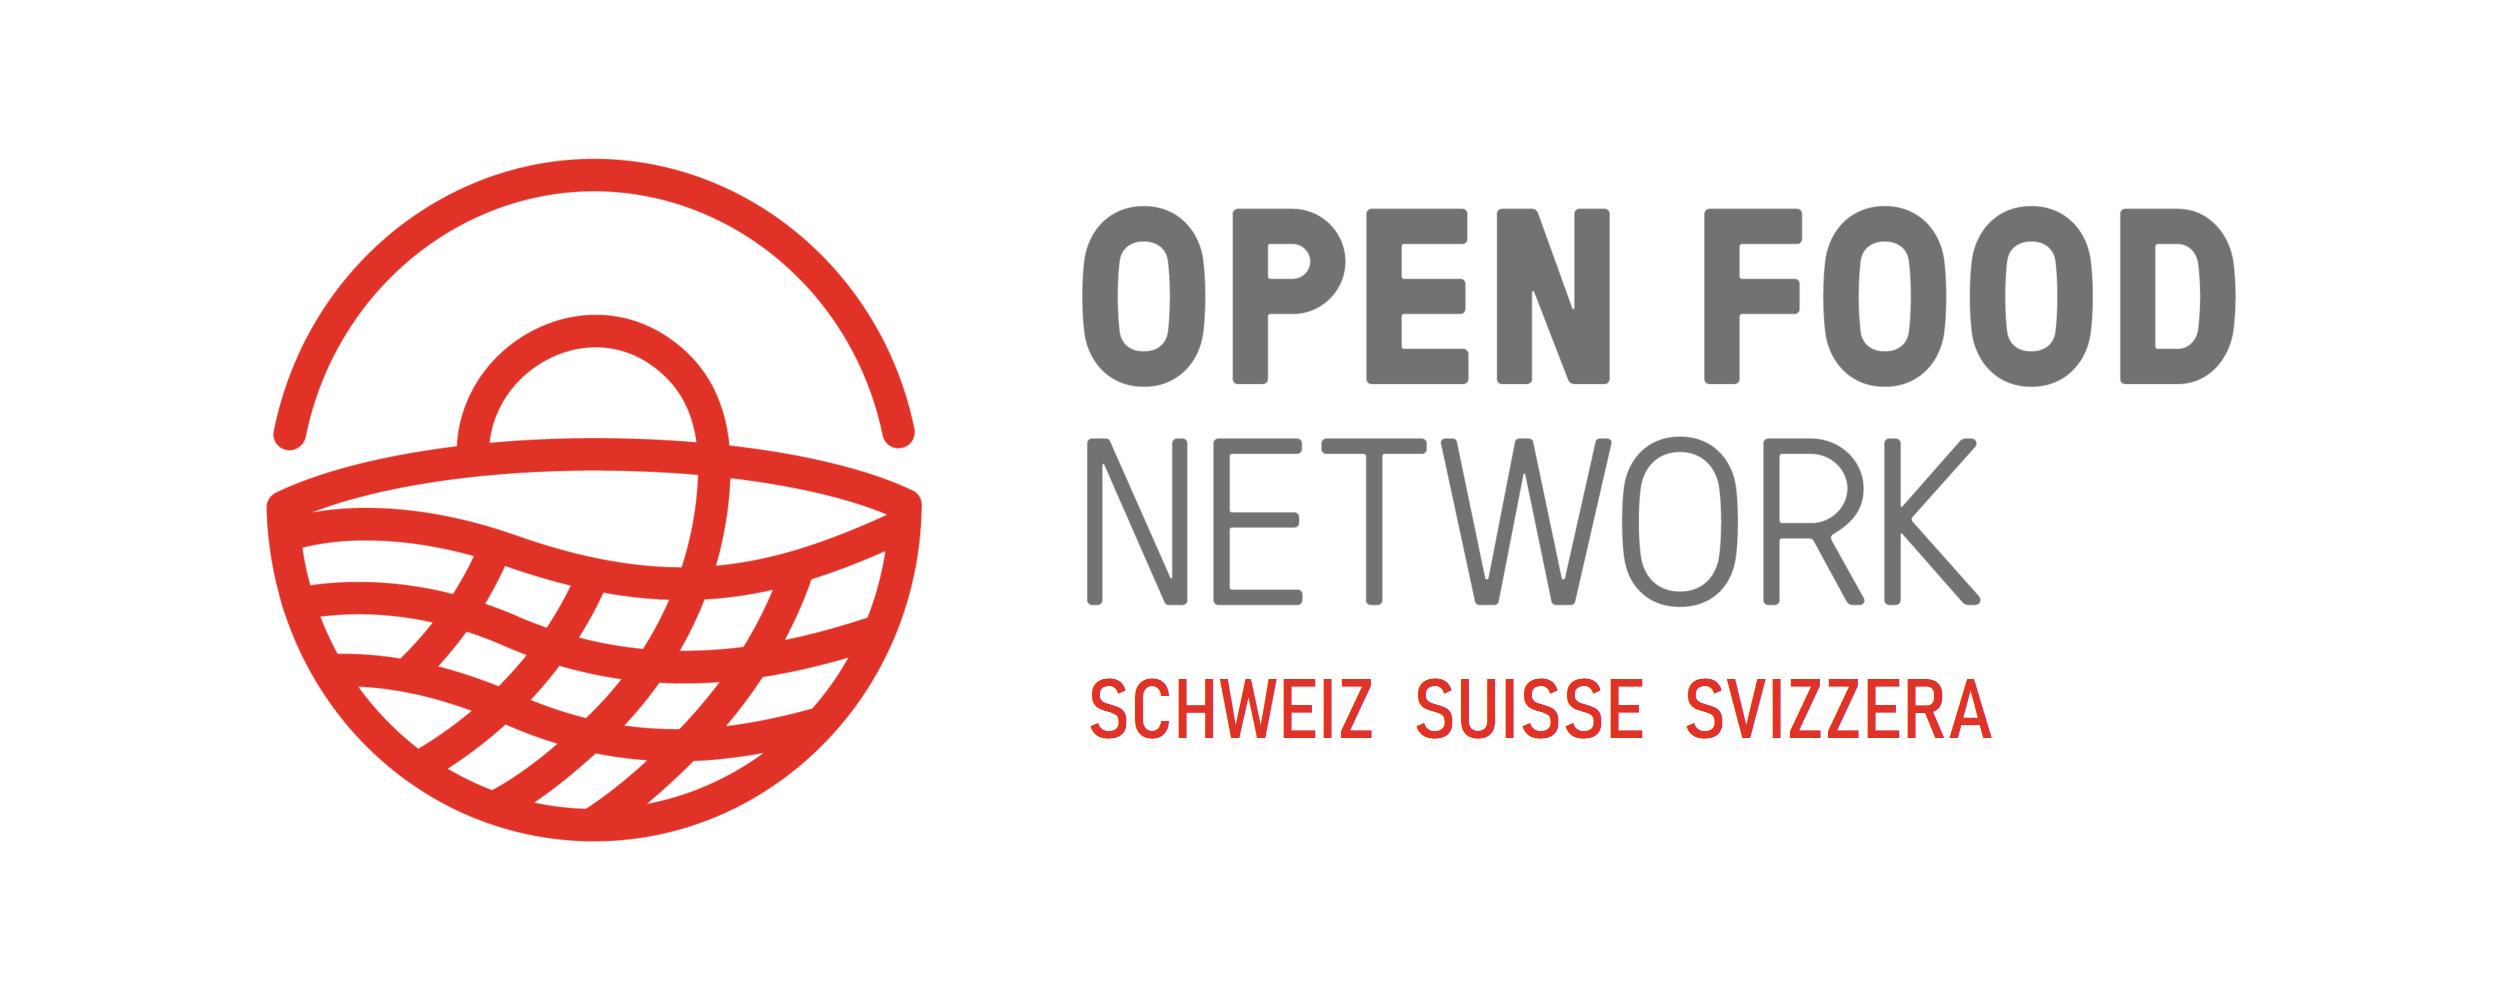 OpenFoodNetwork - Schweiz, Suisse, Svizzera